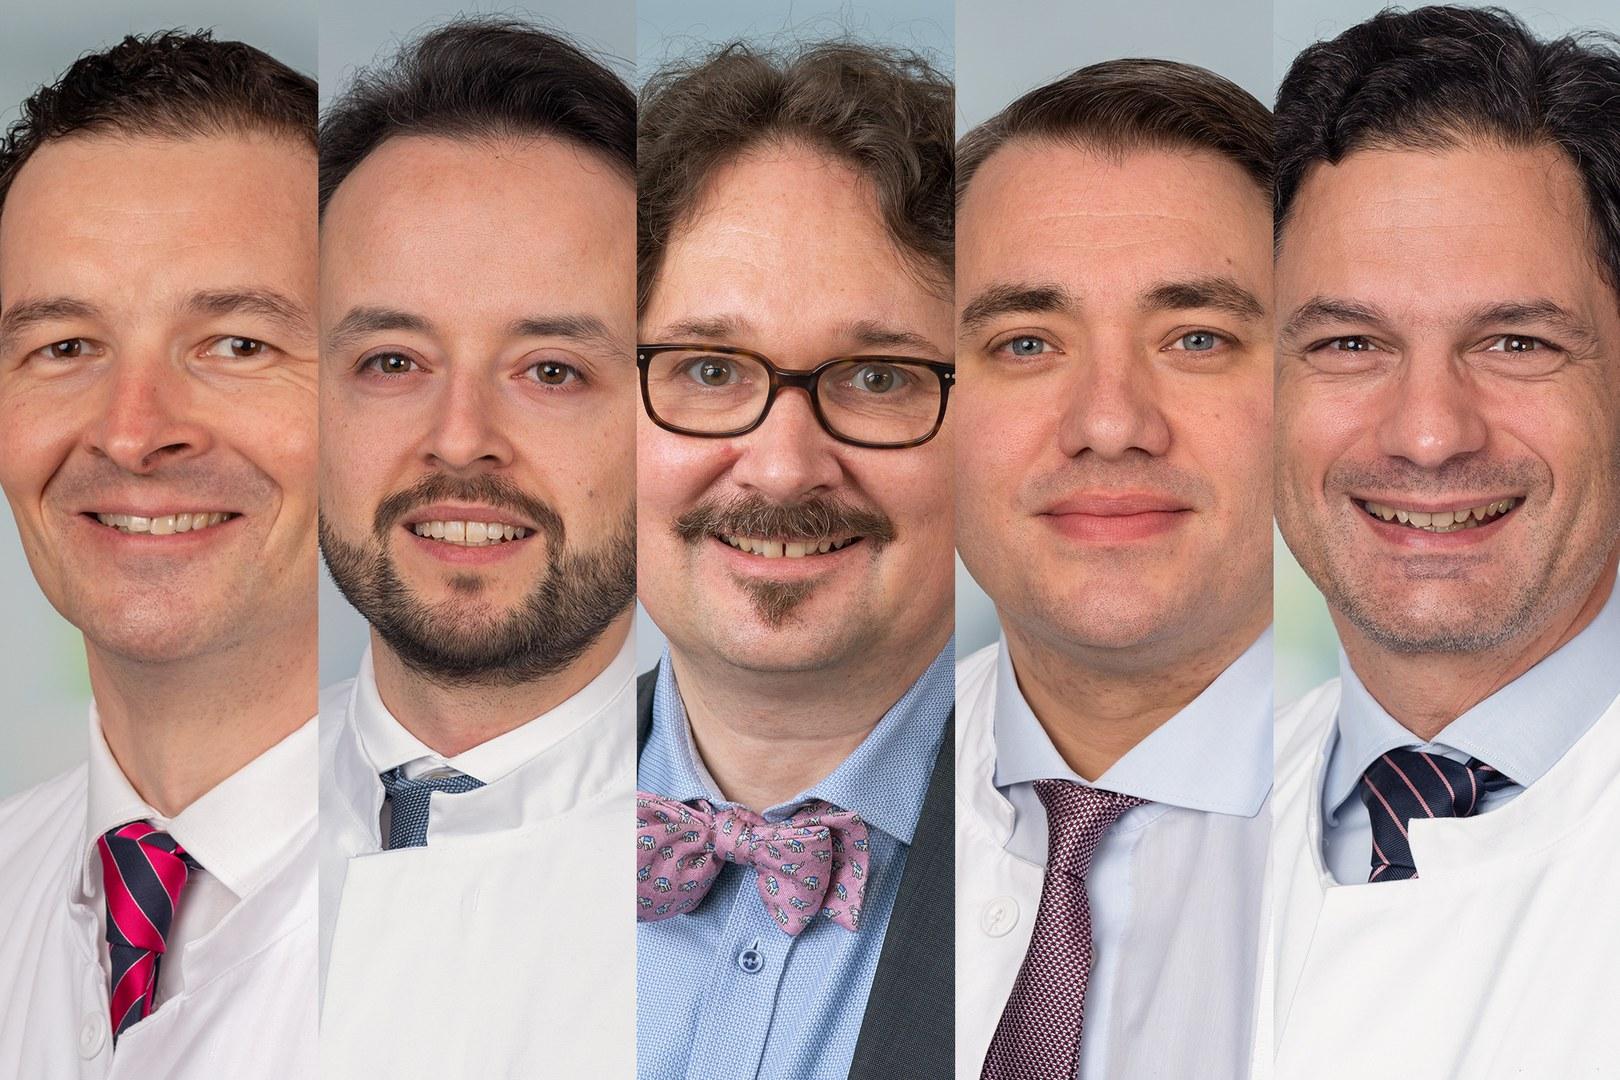 Patientenkolloquium des Universitätsklinikums Bonn am 17. Juni: